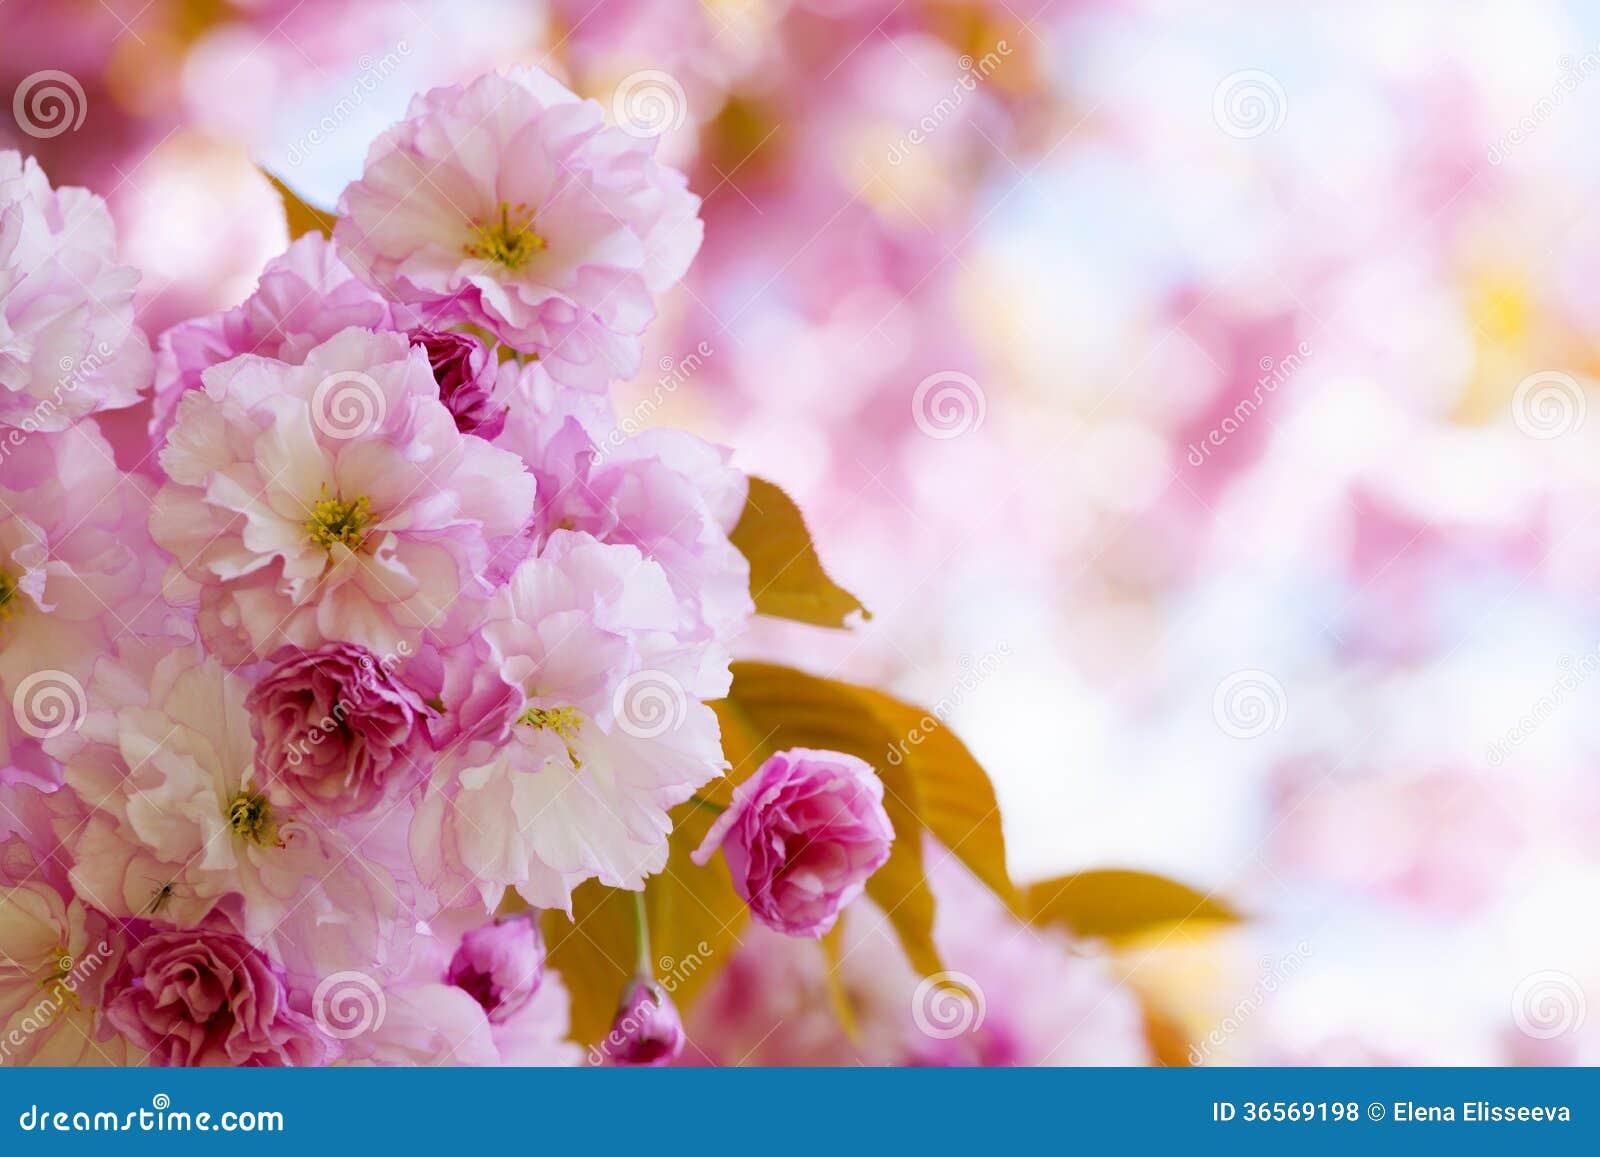 Fiori Di Ciliegia Rosa Nel Frutteto Di Primavera Fotografie Stock Libere da D...